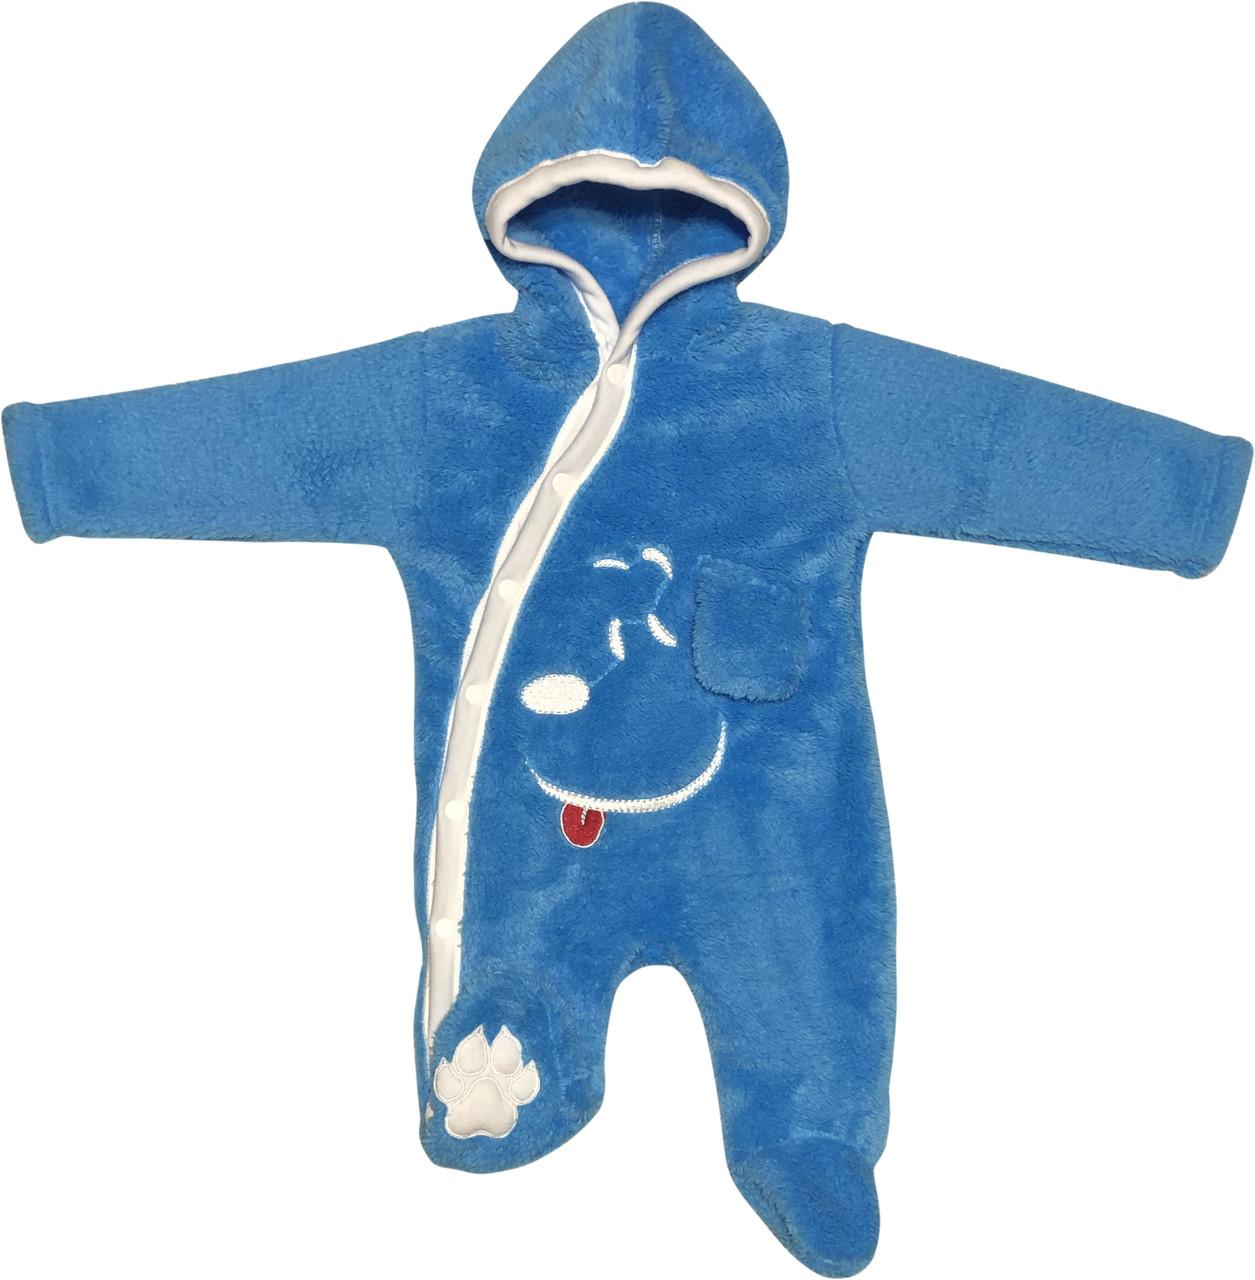 Дитячий теплий чоловічок зростання 62 2-3 міс махровий блакитний на хлопчика сліп з капюшоном для